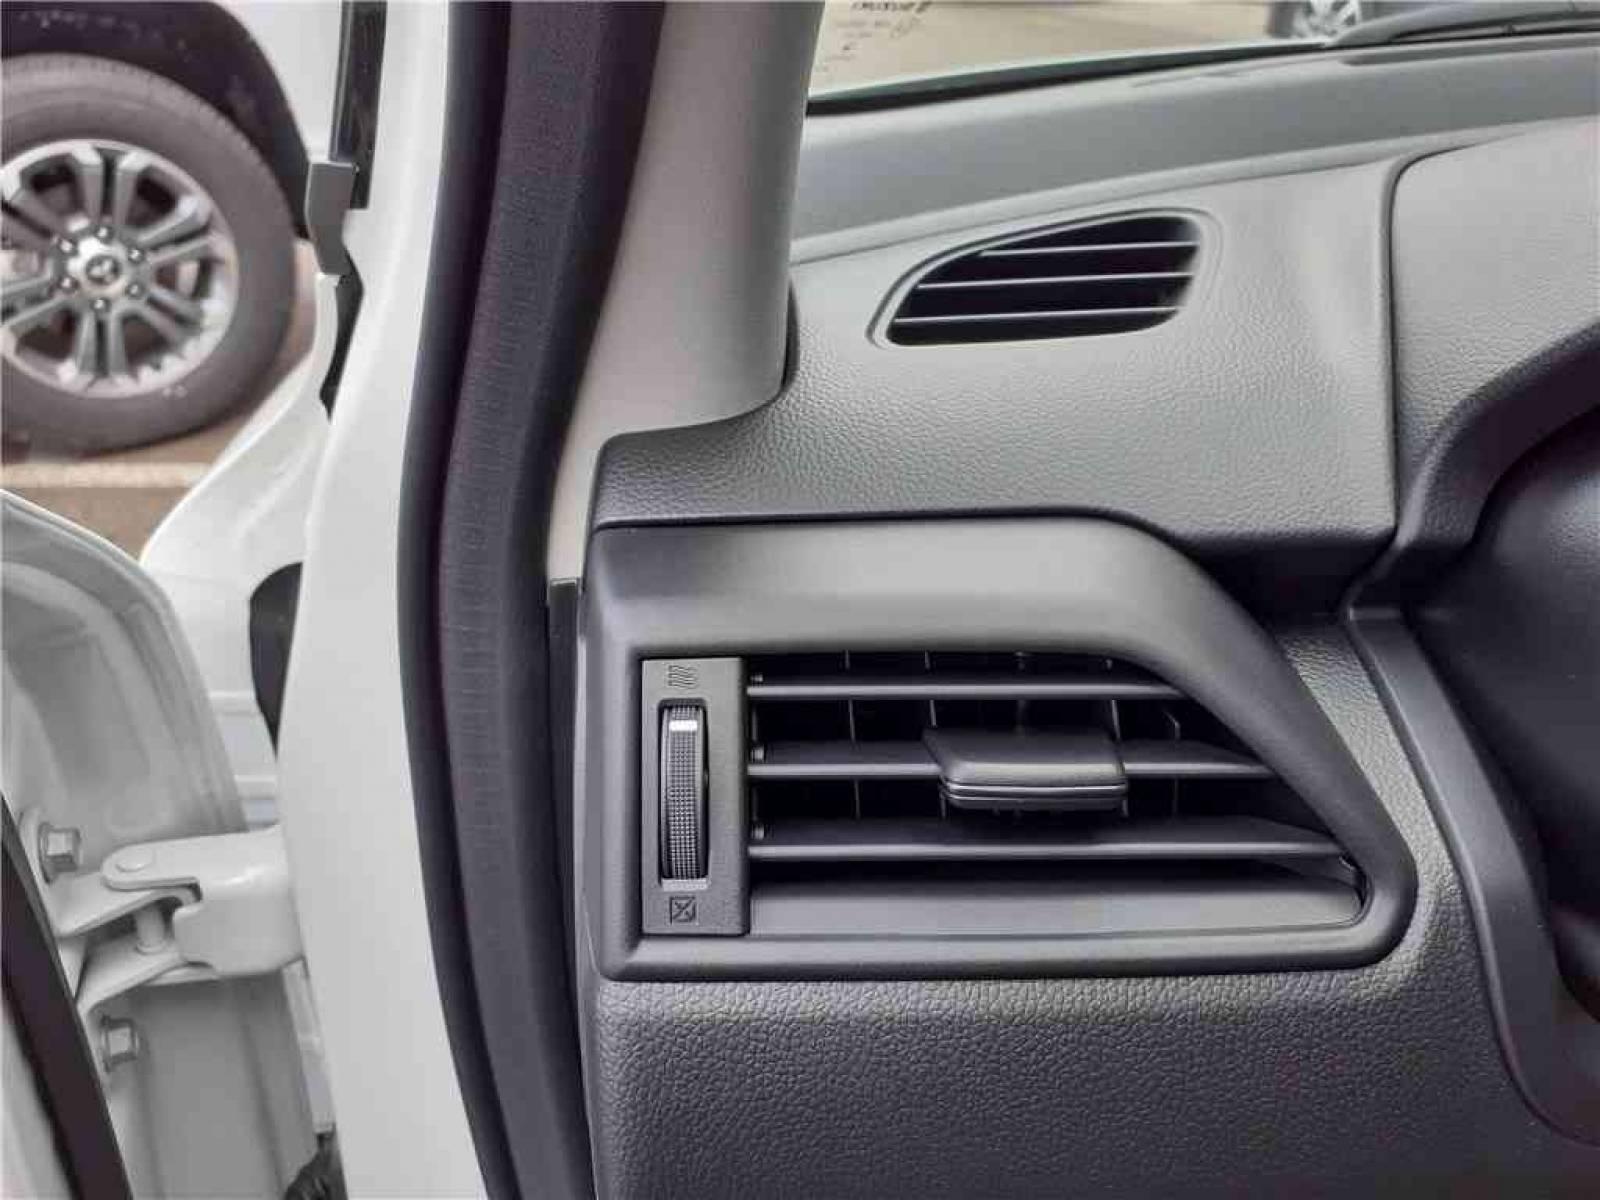 SUZUKI Swift 1.2 Dualjet Hybrid Auto (CVT) - véhicule d'occasion - Groupe Guillet - Hall de l'automobile - Chalon sur Saône - 71380 - Saint-Marcel - 19